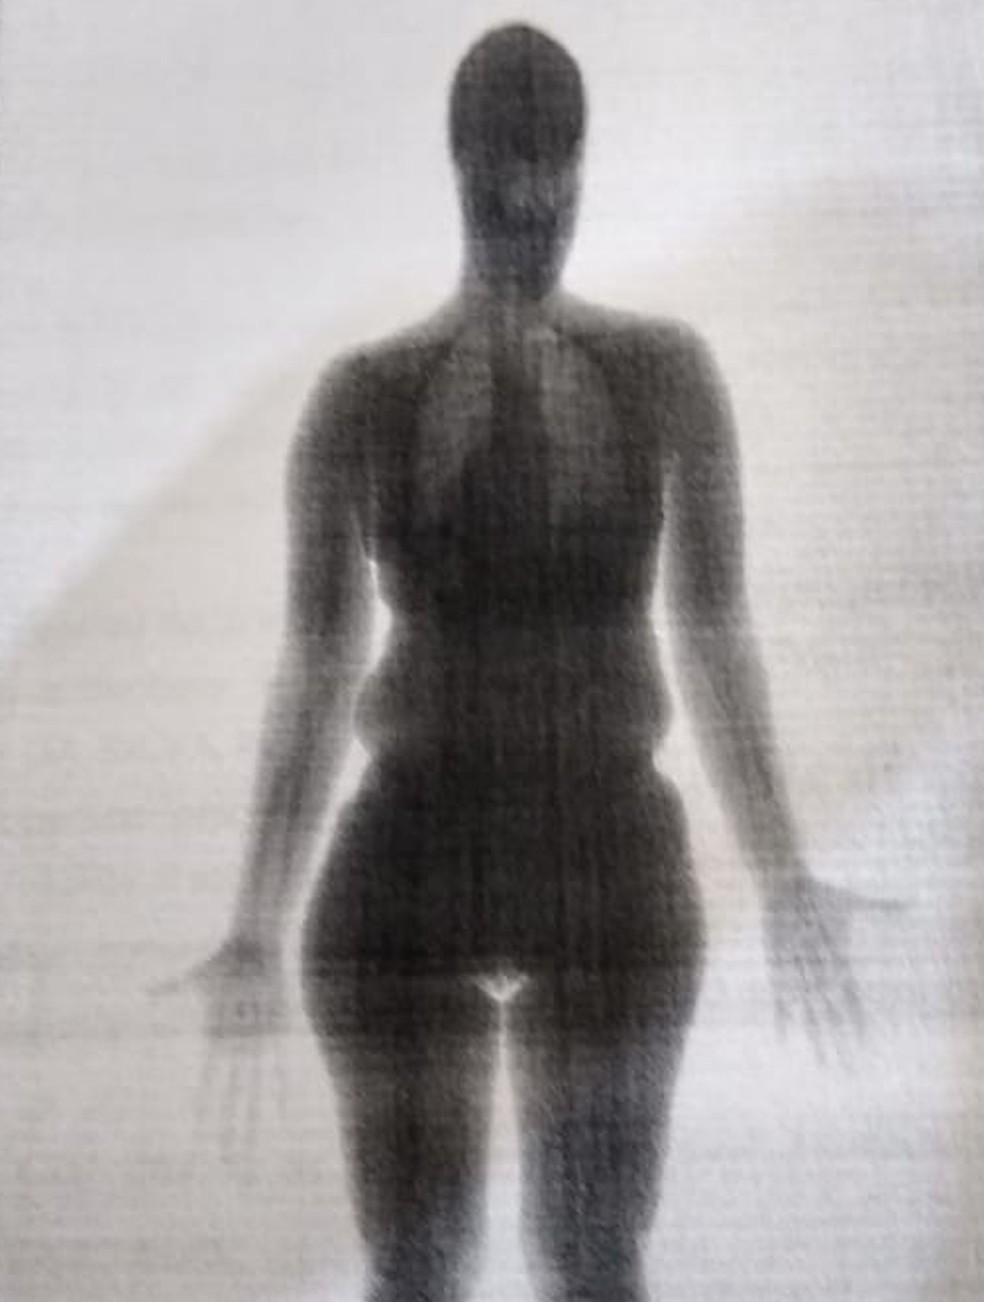 Scanner alertou que havia algo escondido nas partes íntimas da mulher — Foto: Reprodução